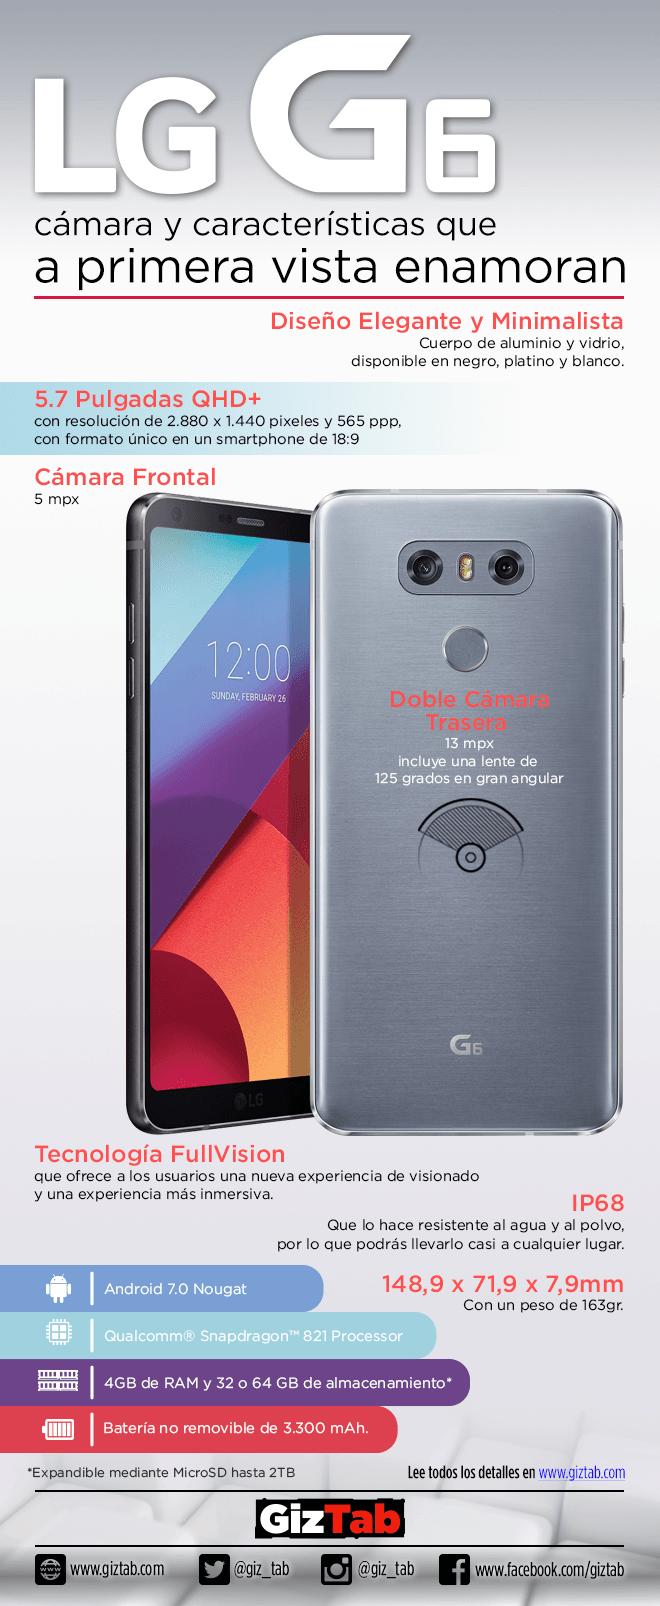 Infografía LG G6